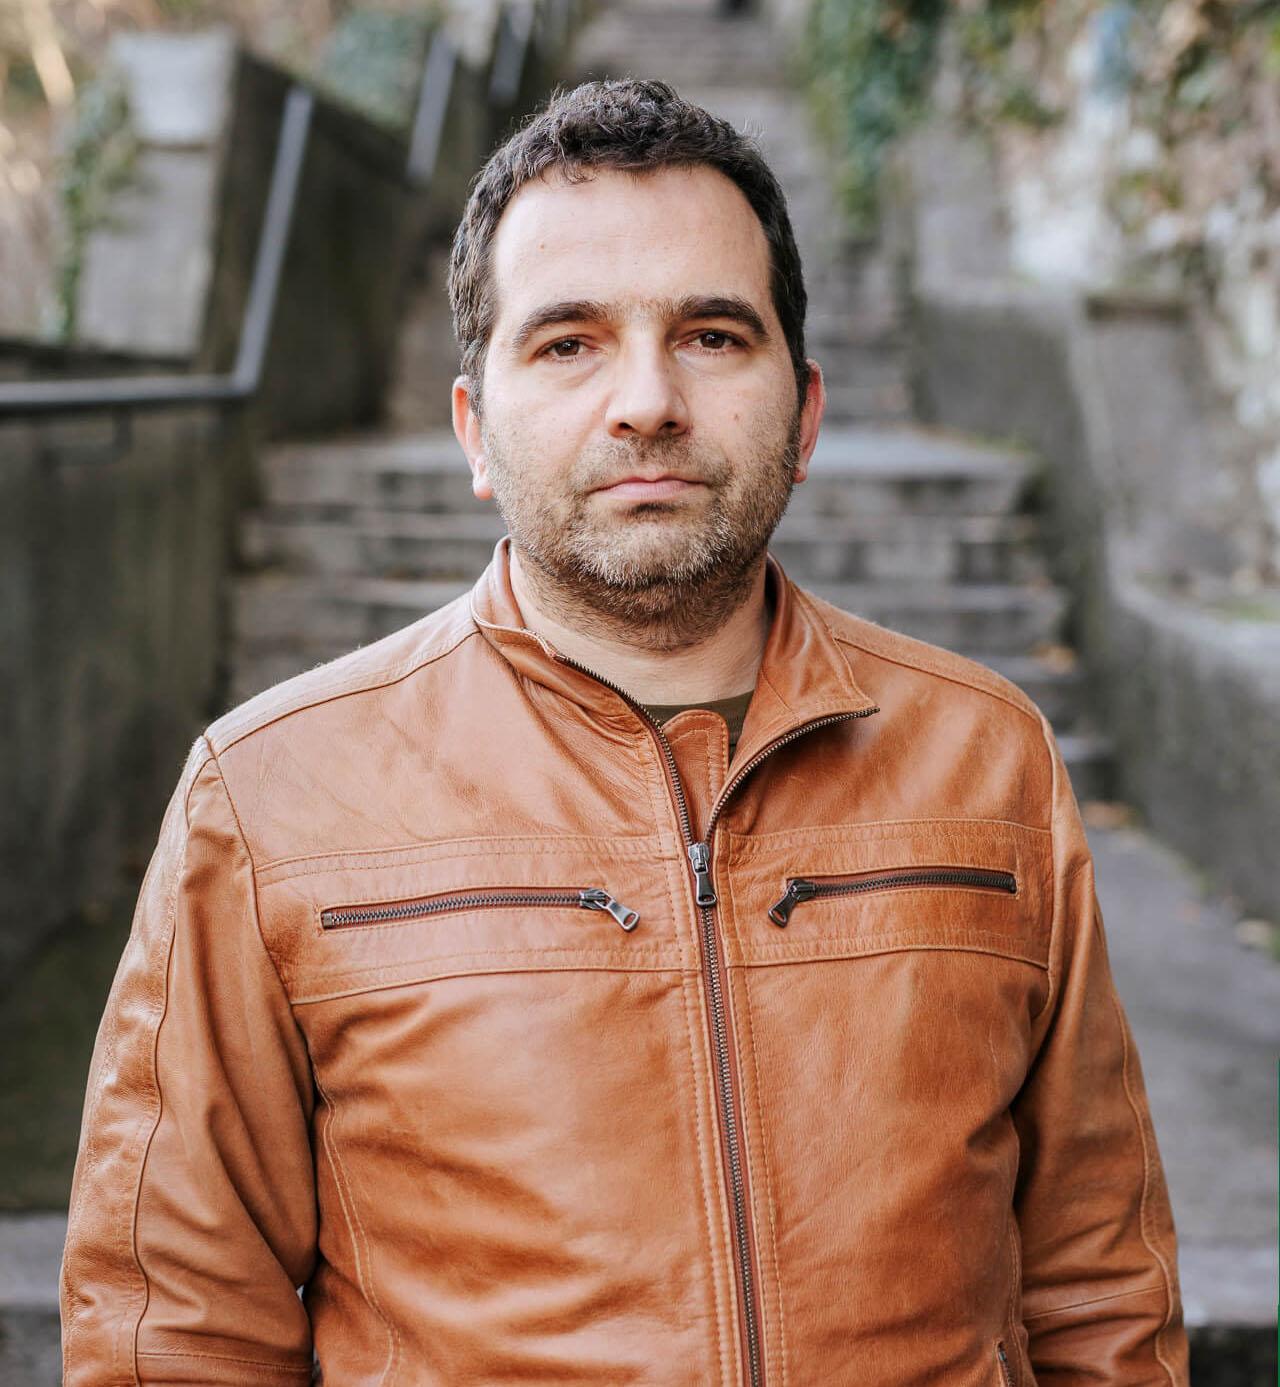 Zoran Grozdanov